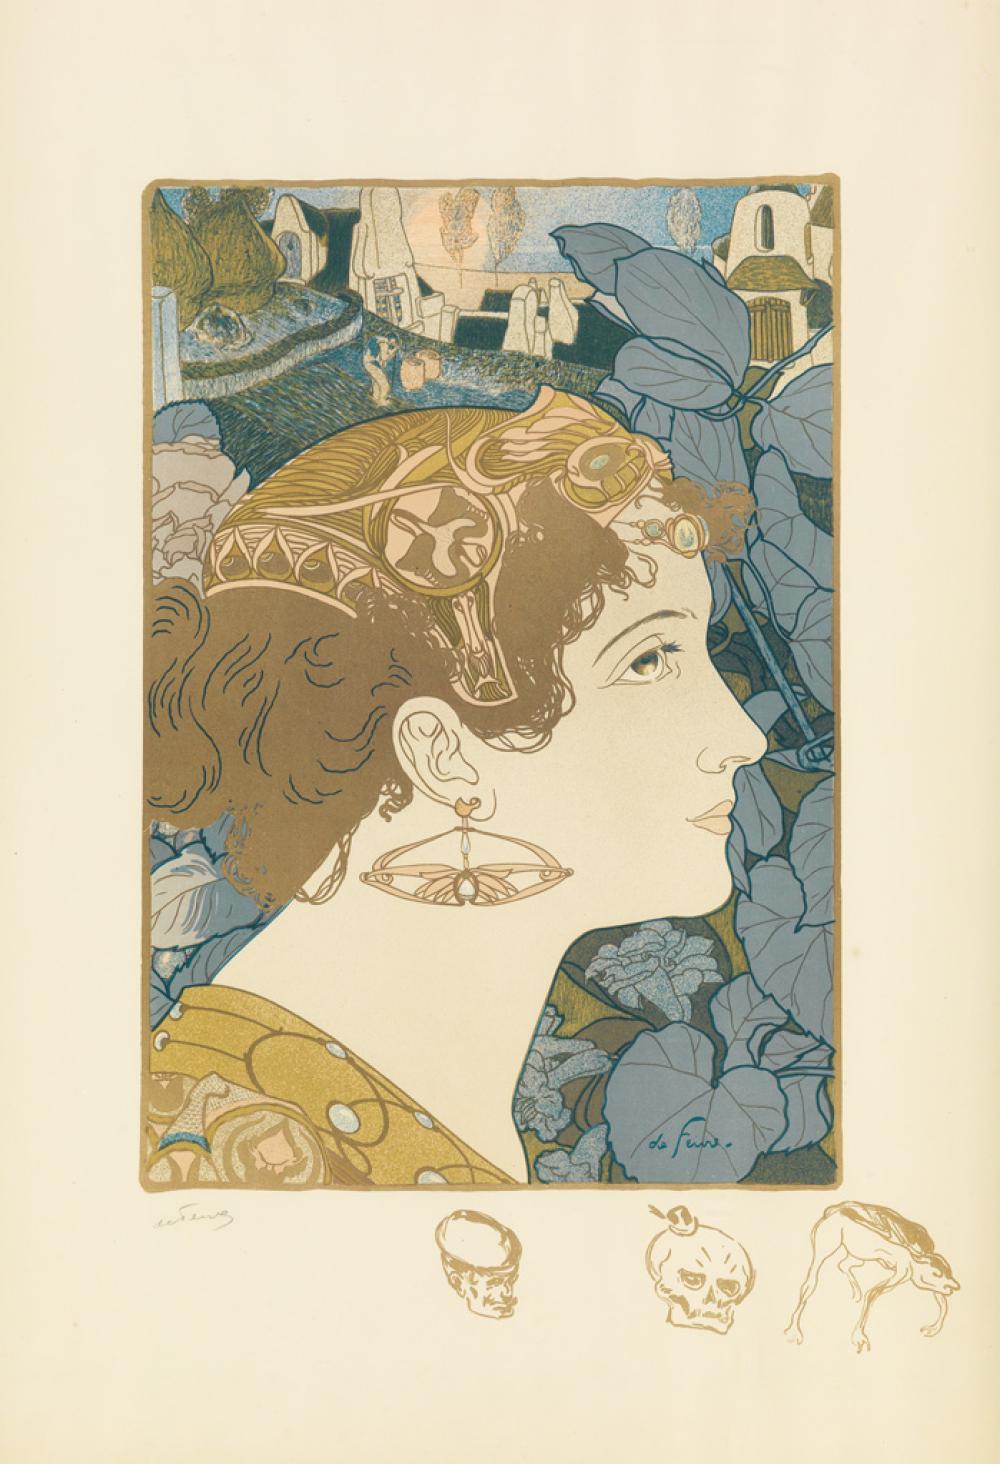 GEORGES DE FEURE (1868-1943). [PROFIL DE FEMME.] 1898. 22x16 inches, 57x41 cm.